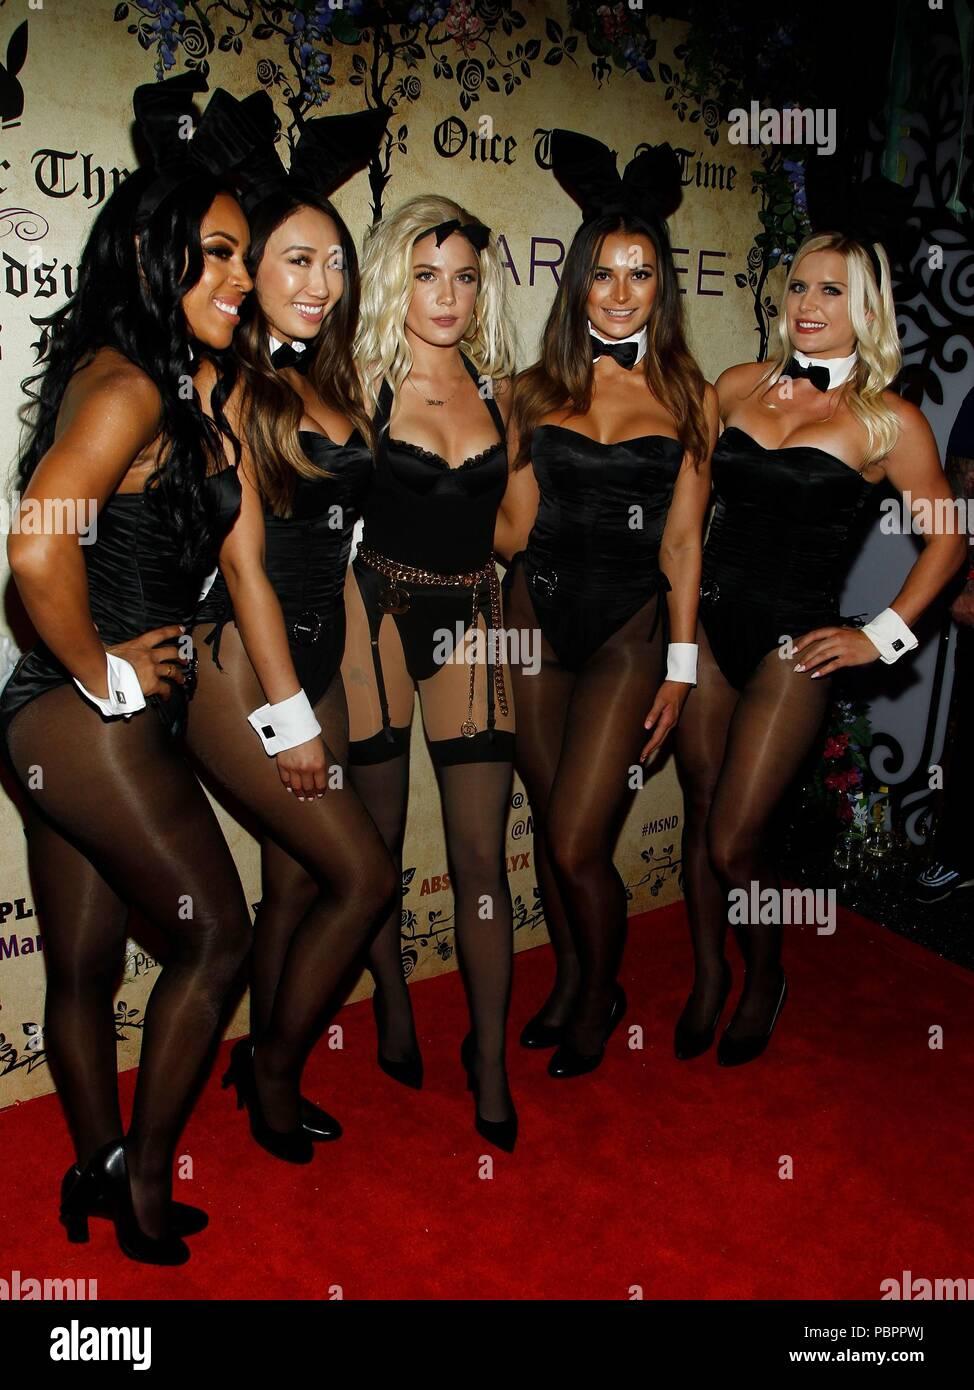 Playboy Bunnies Stock Photos Amp Playboy Bunnies Stock